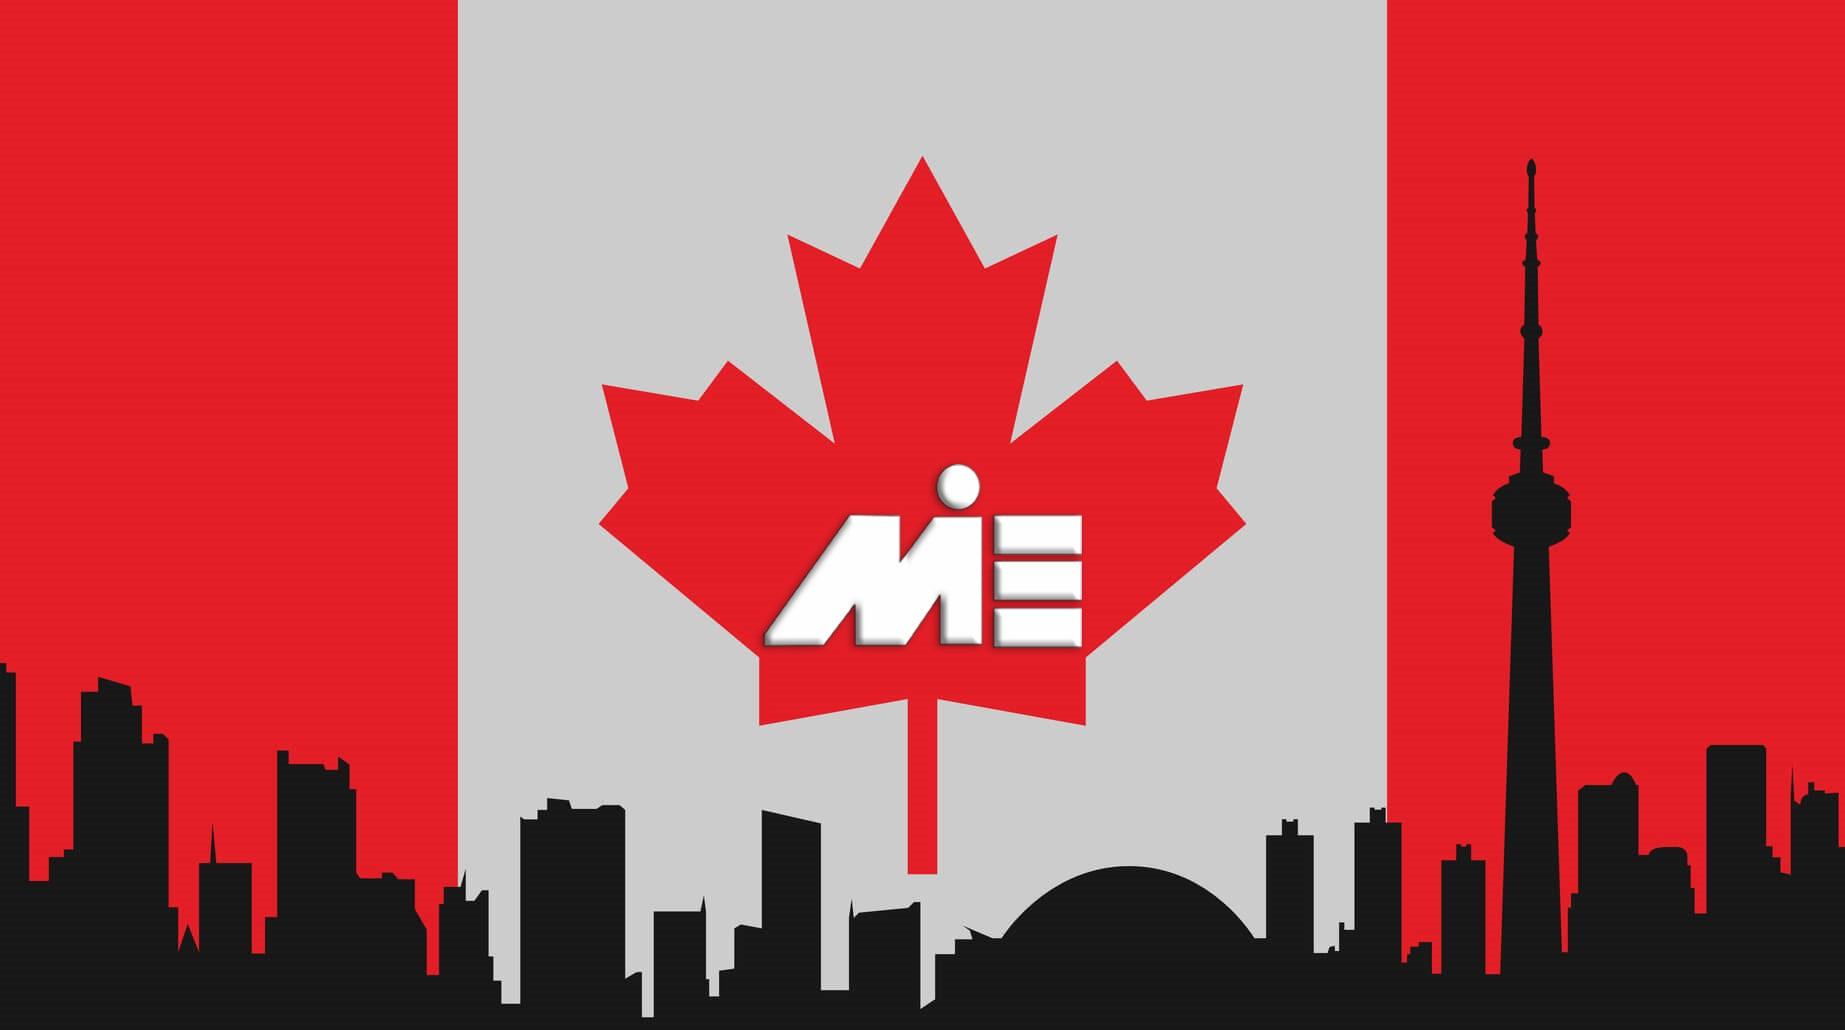 پرچم کانادا | مهاجرت به کانادا